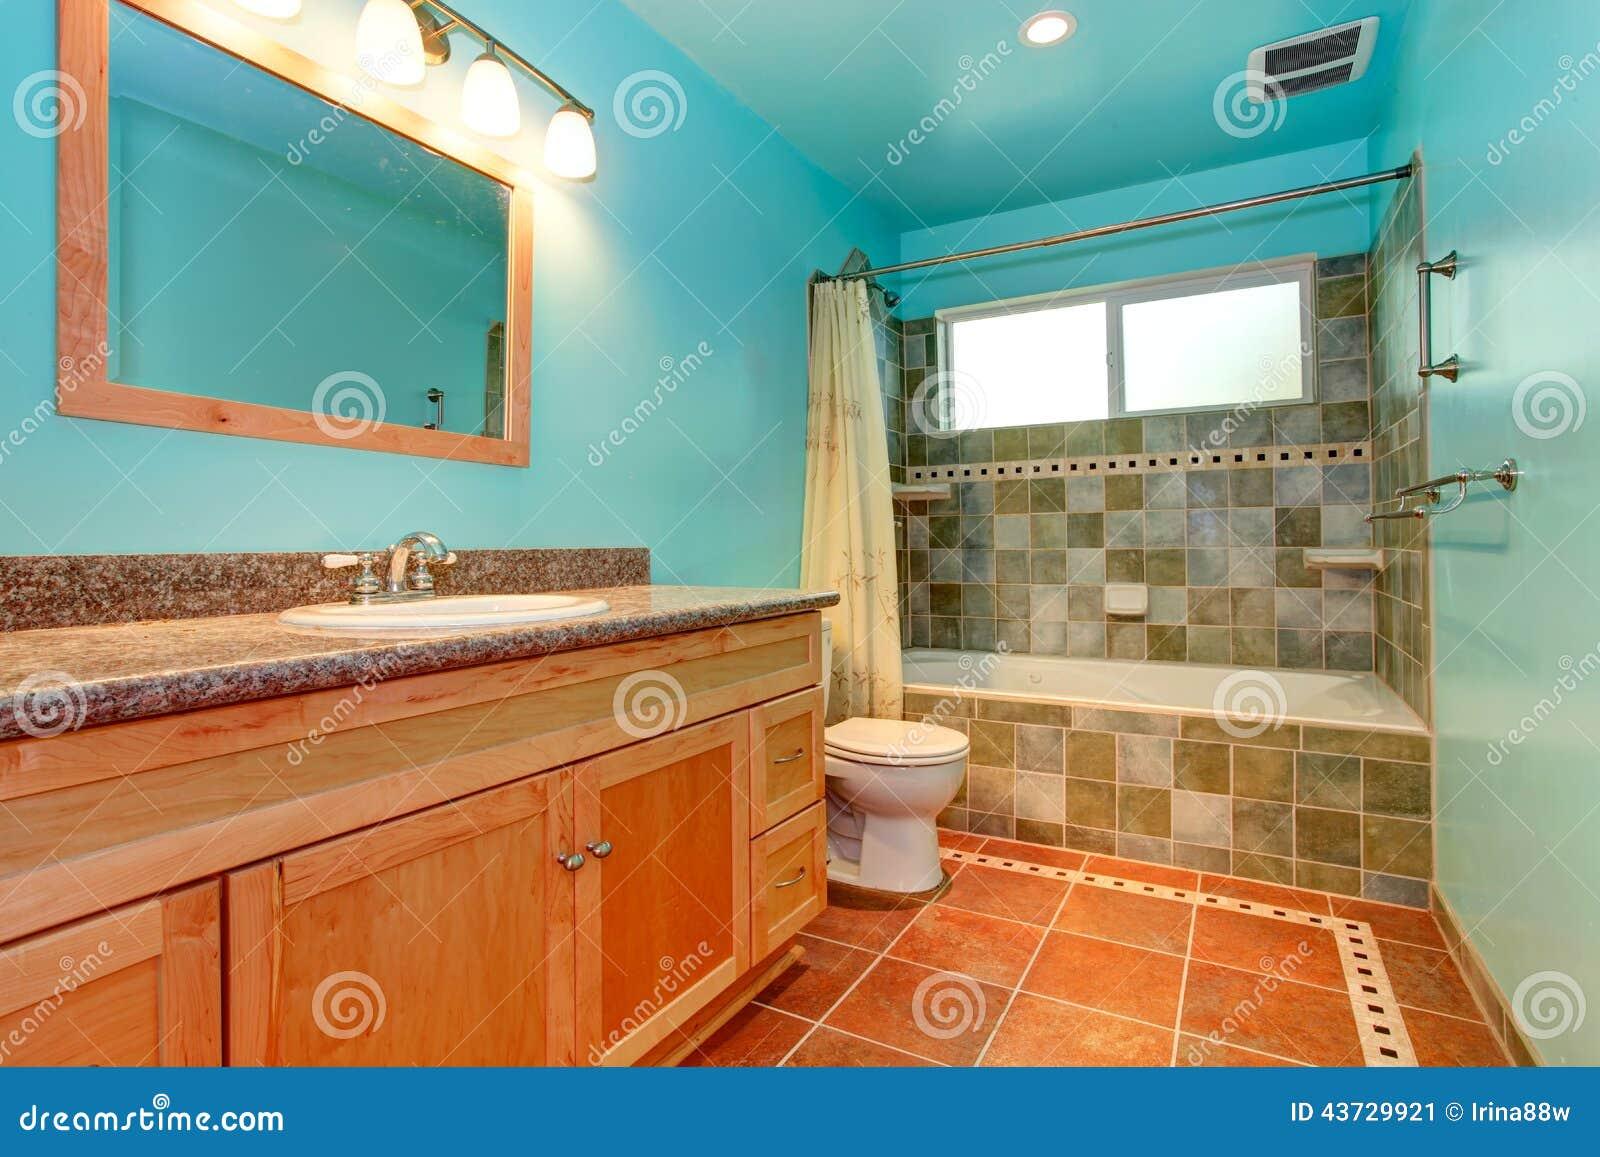 Pareti in finti mattoni cucina for Piastrelle parete cucina